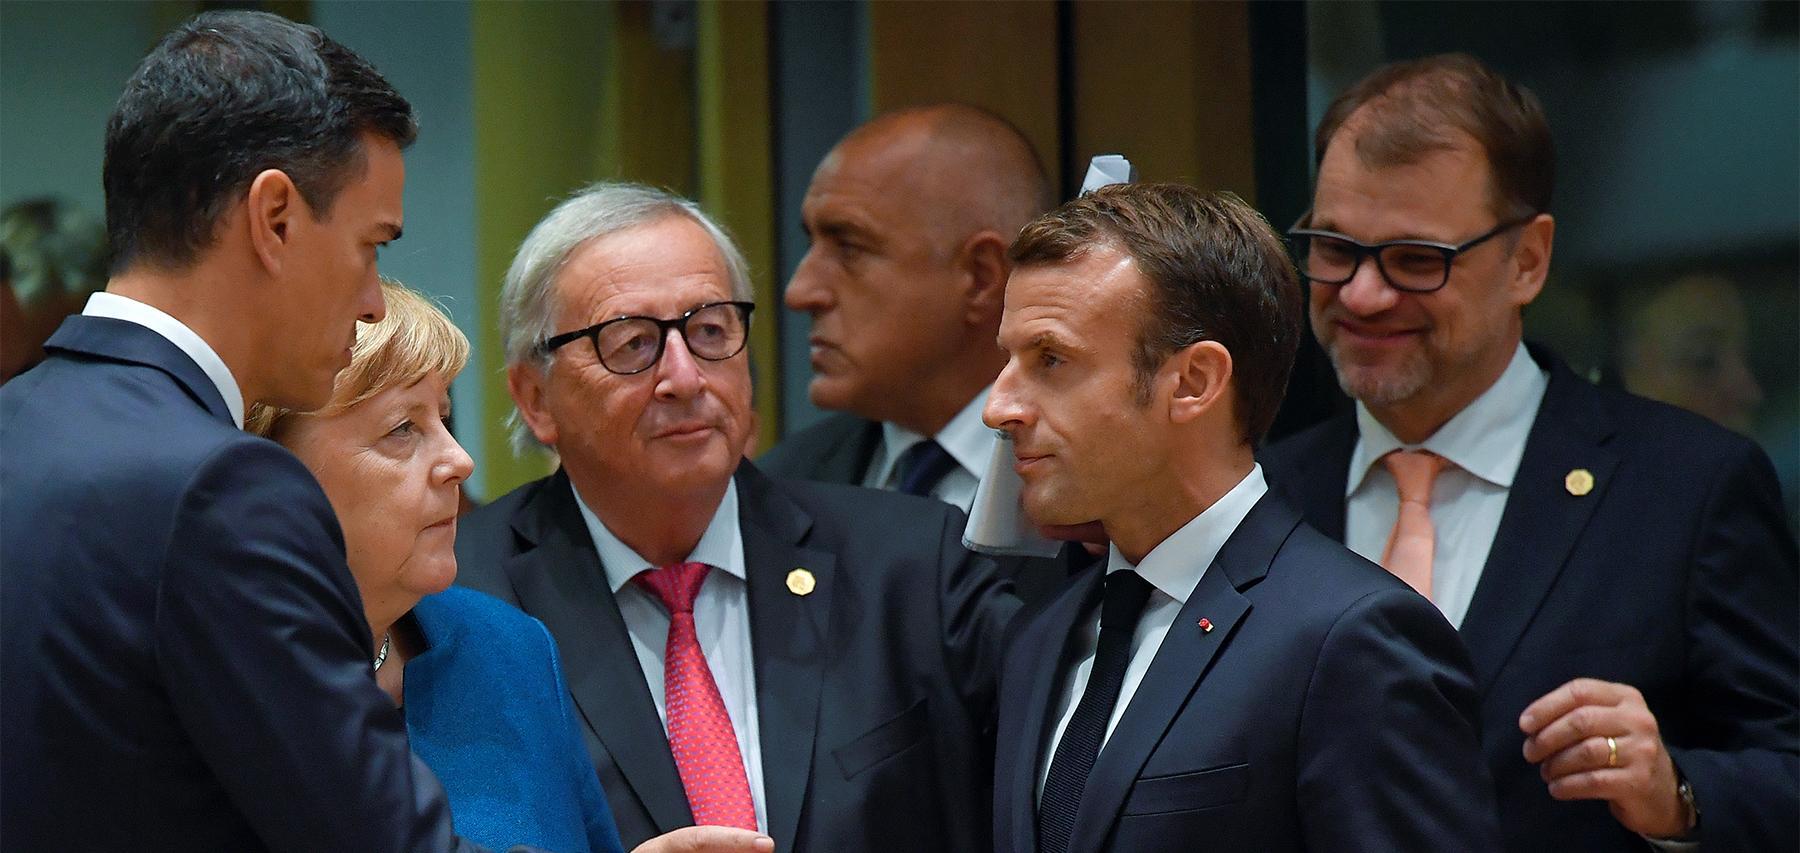 РСМД :: Европейские политические элиты тестируют стрессоустойчивость?